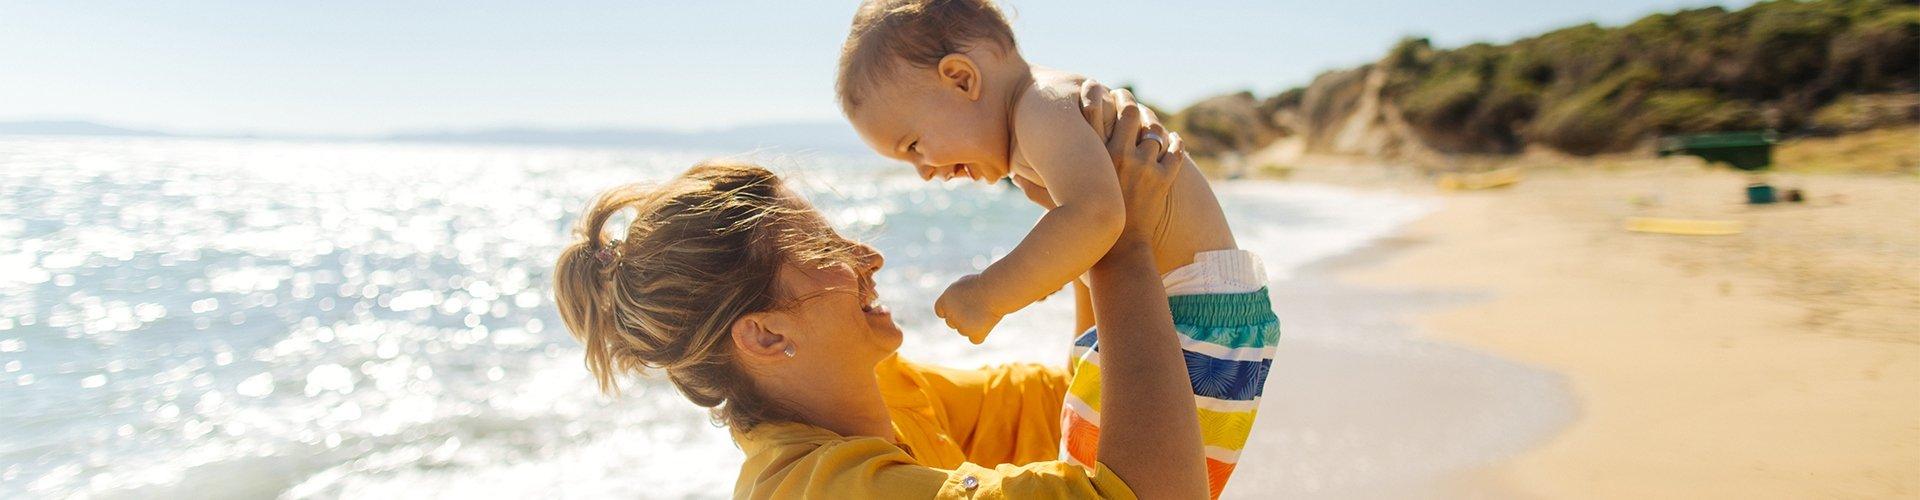 Mit Baby in den Urlaub